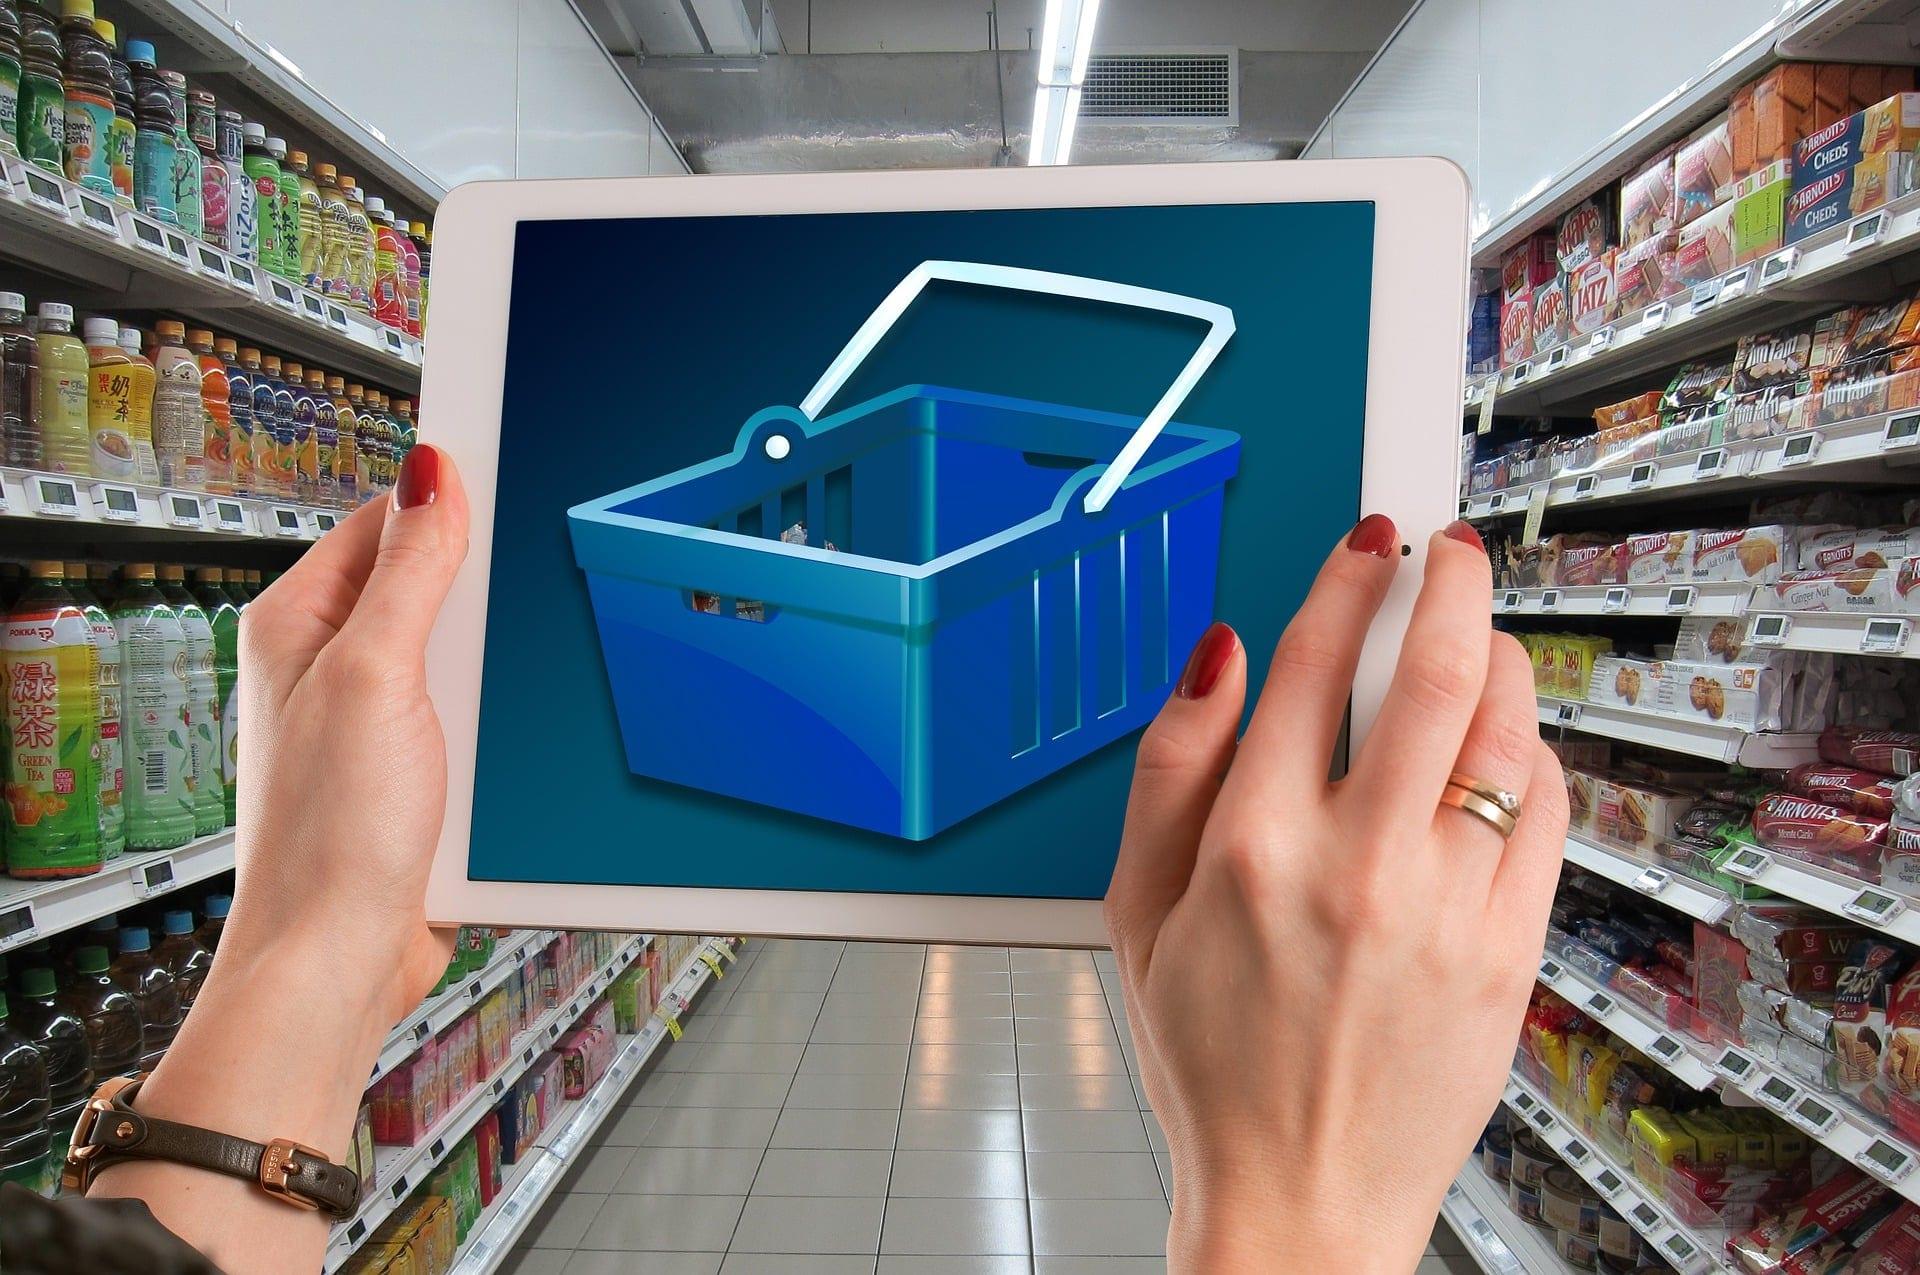 Ωράριο σούπερ μάρκετ σήμερα Τσικνοπέμπτη 2021: Τι ώρα κλείνουν σε Αθήνα Θεσσαλονίκη, Λάρισα, Ηράκλειο και τις άλλες περιοχές σε «βαθύ κόκκινο» Ωράριο σούπερ μάρκετ: Τι ώρα κλείνουν σήμερα - Μόνο 2 ώρες για ψώνια στο super market με το sms στο 13033 προβλέπει η σχετική απόφαση